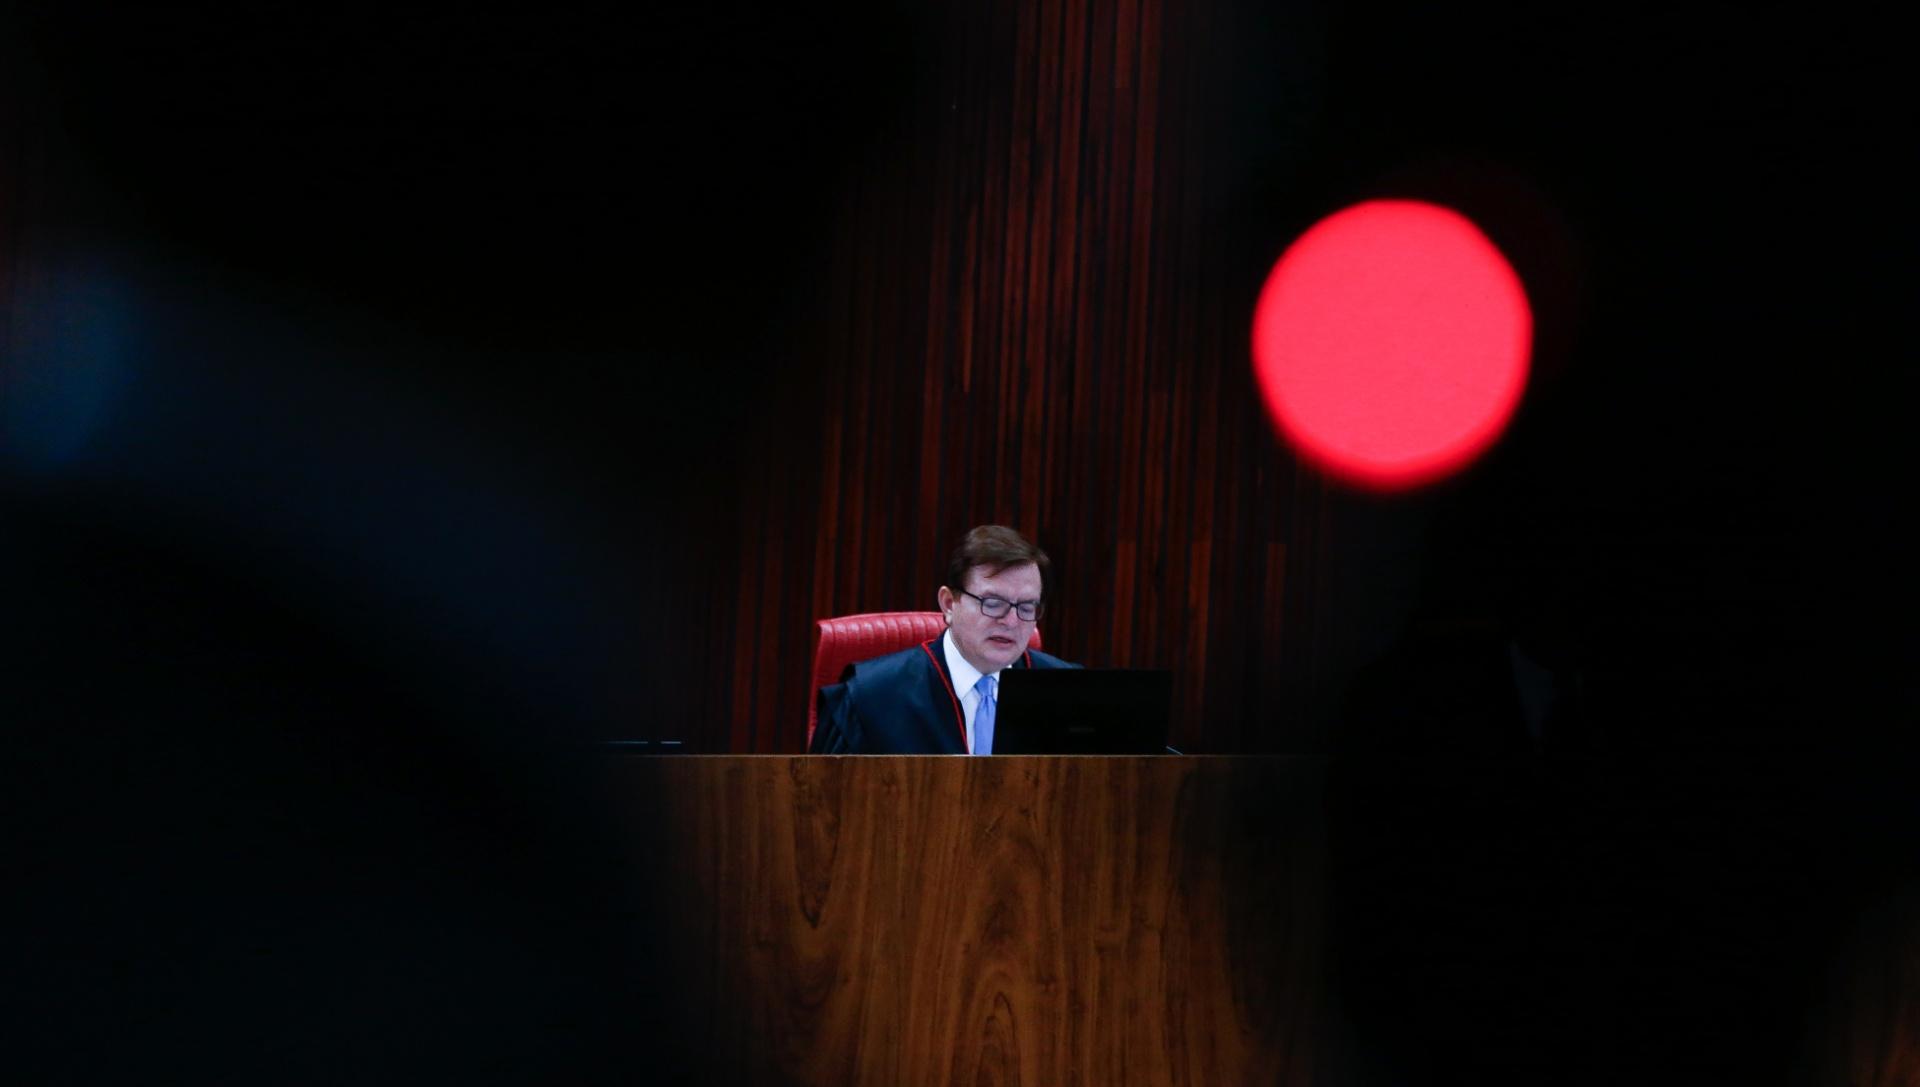 O relator do processo contra a chapa Dilma-Temer no TSE, o ministro Herman Benjamin, lê o relatório sobre a ação que pode cassar o mandato de Michel Temer. O texto tem mais de mil páginas